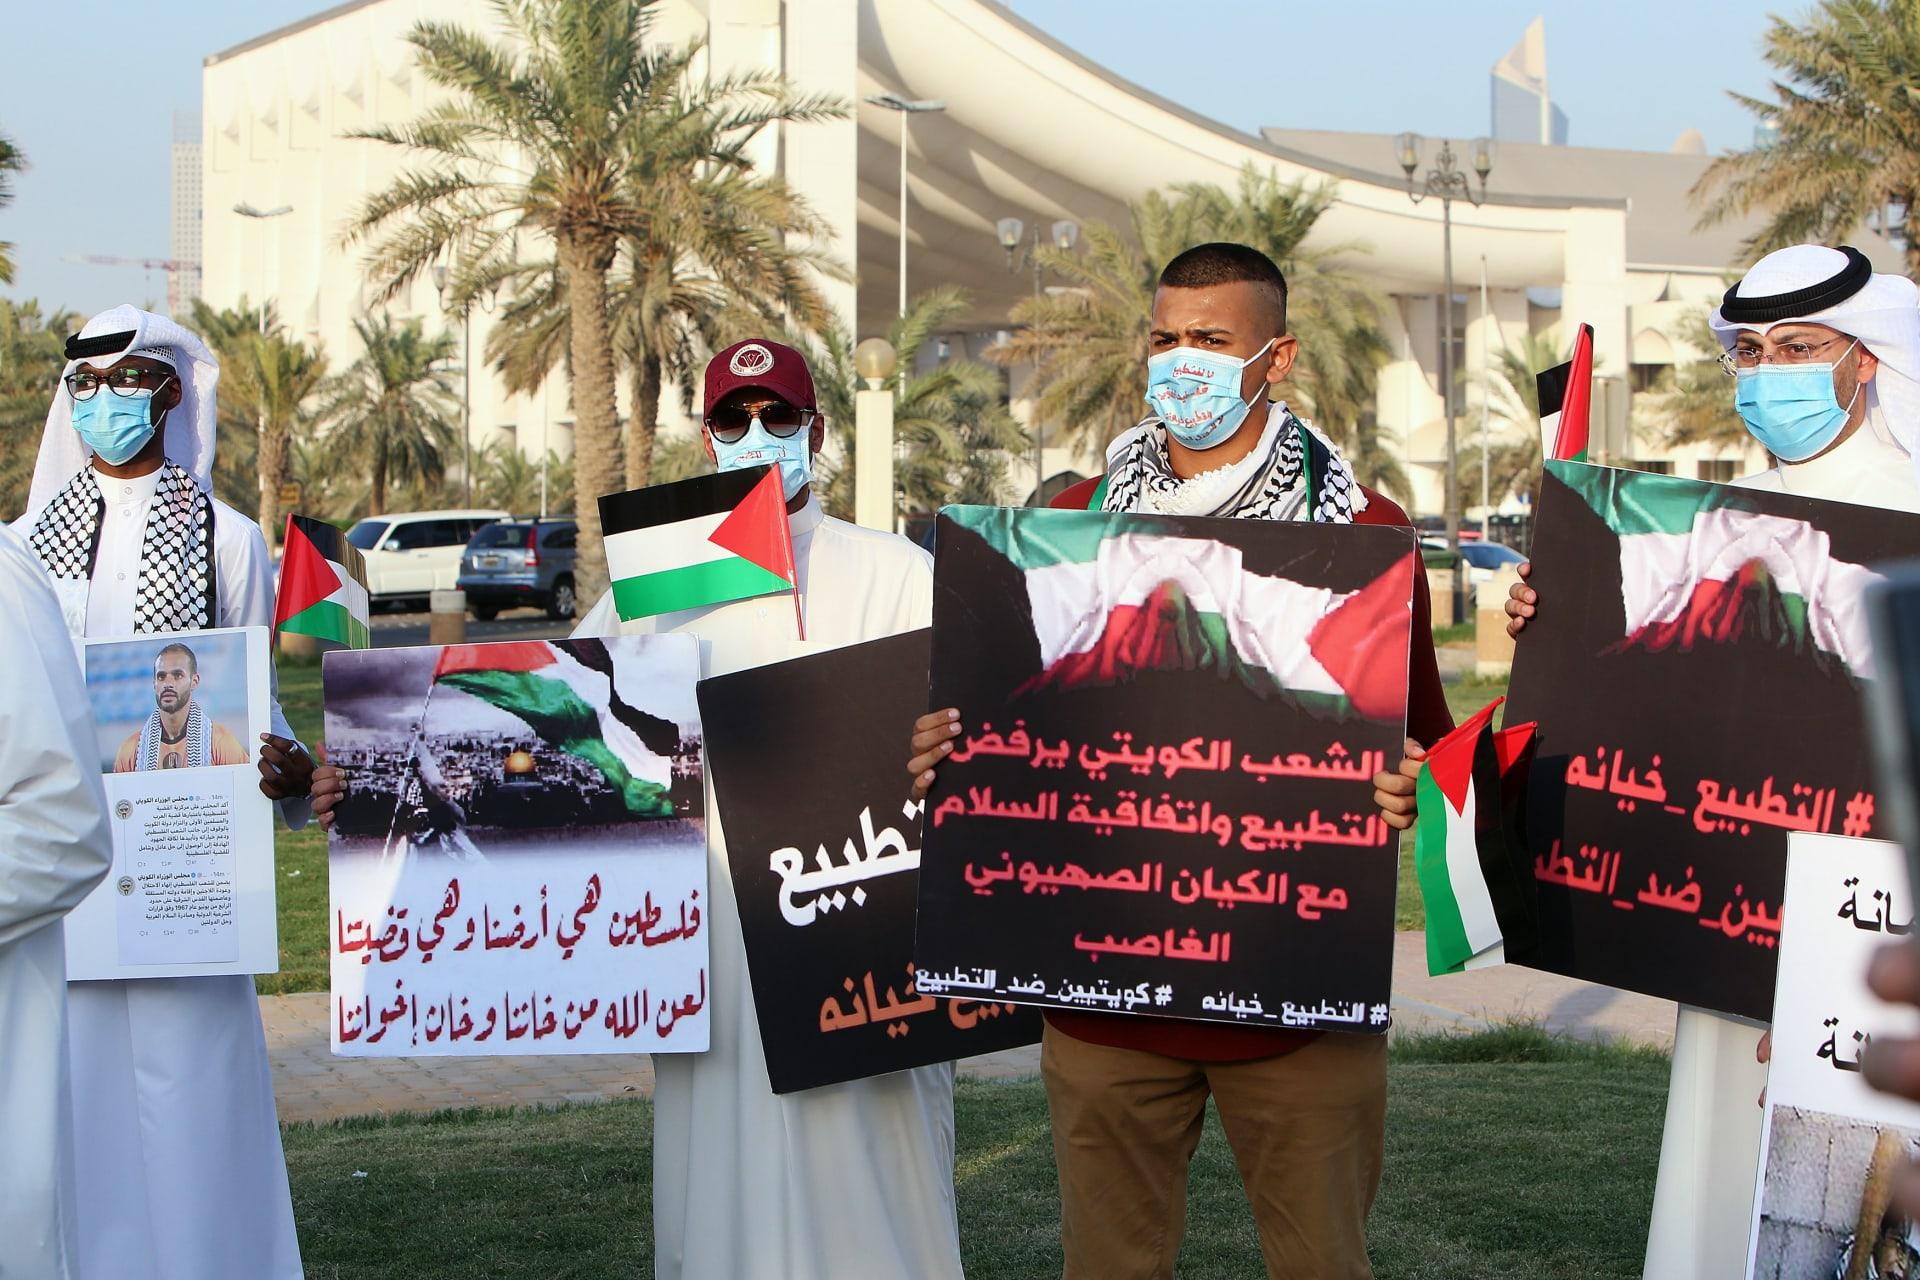 """إسرائيل توجه العزاء إلى """"الشعب الكويتي"""" في وفاة الشيخ صباح"""